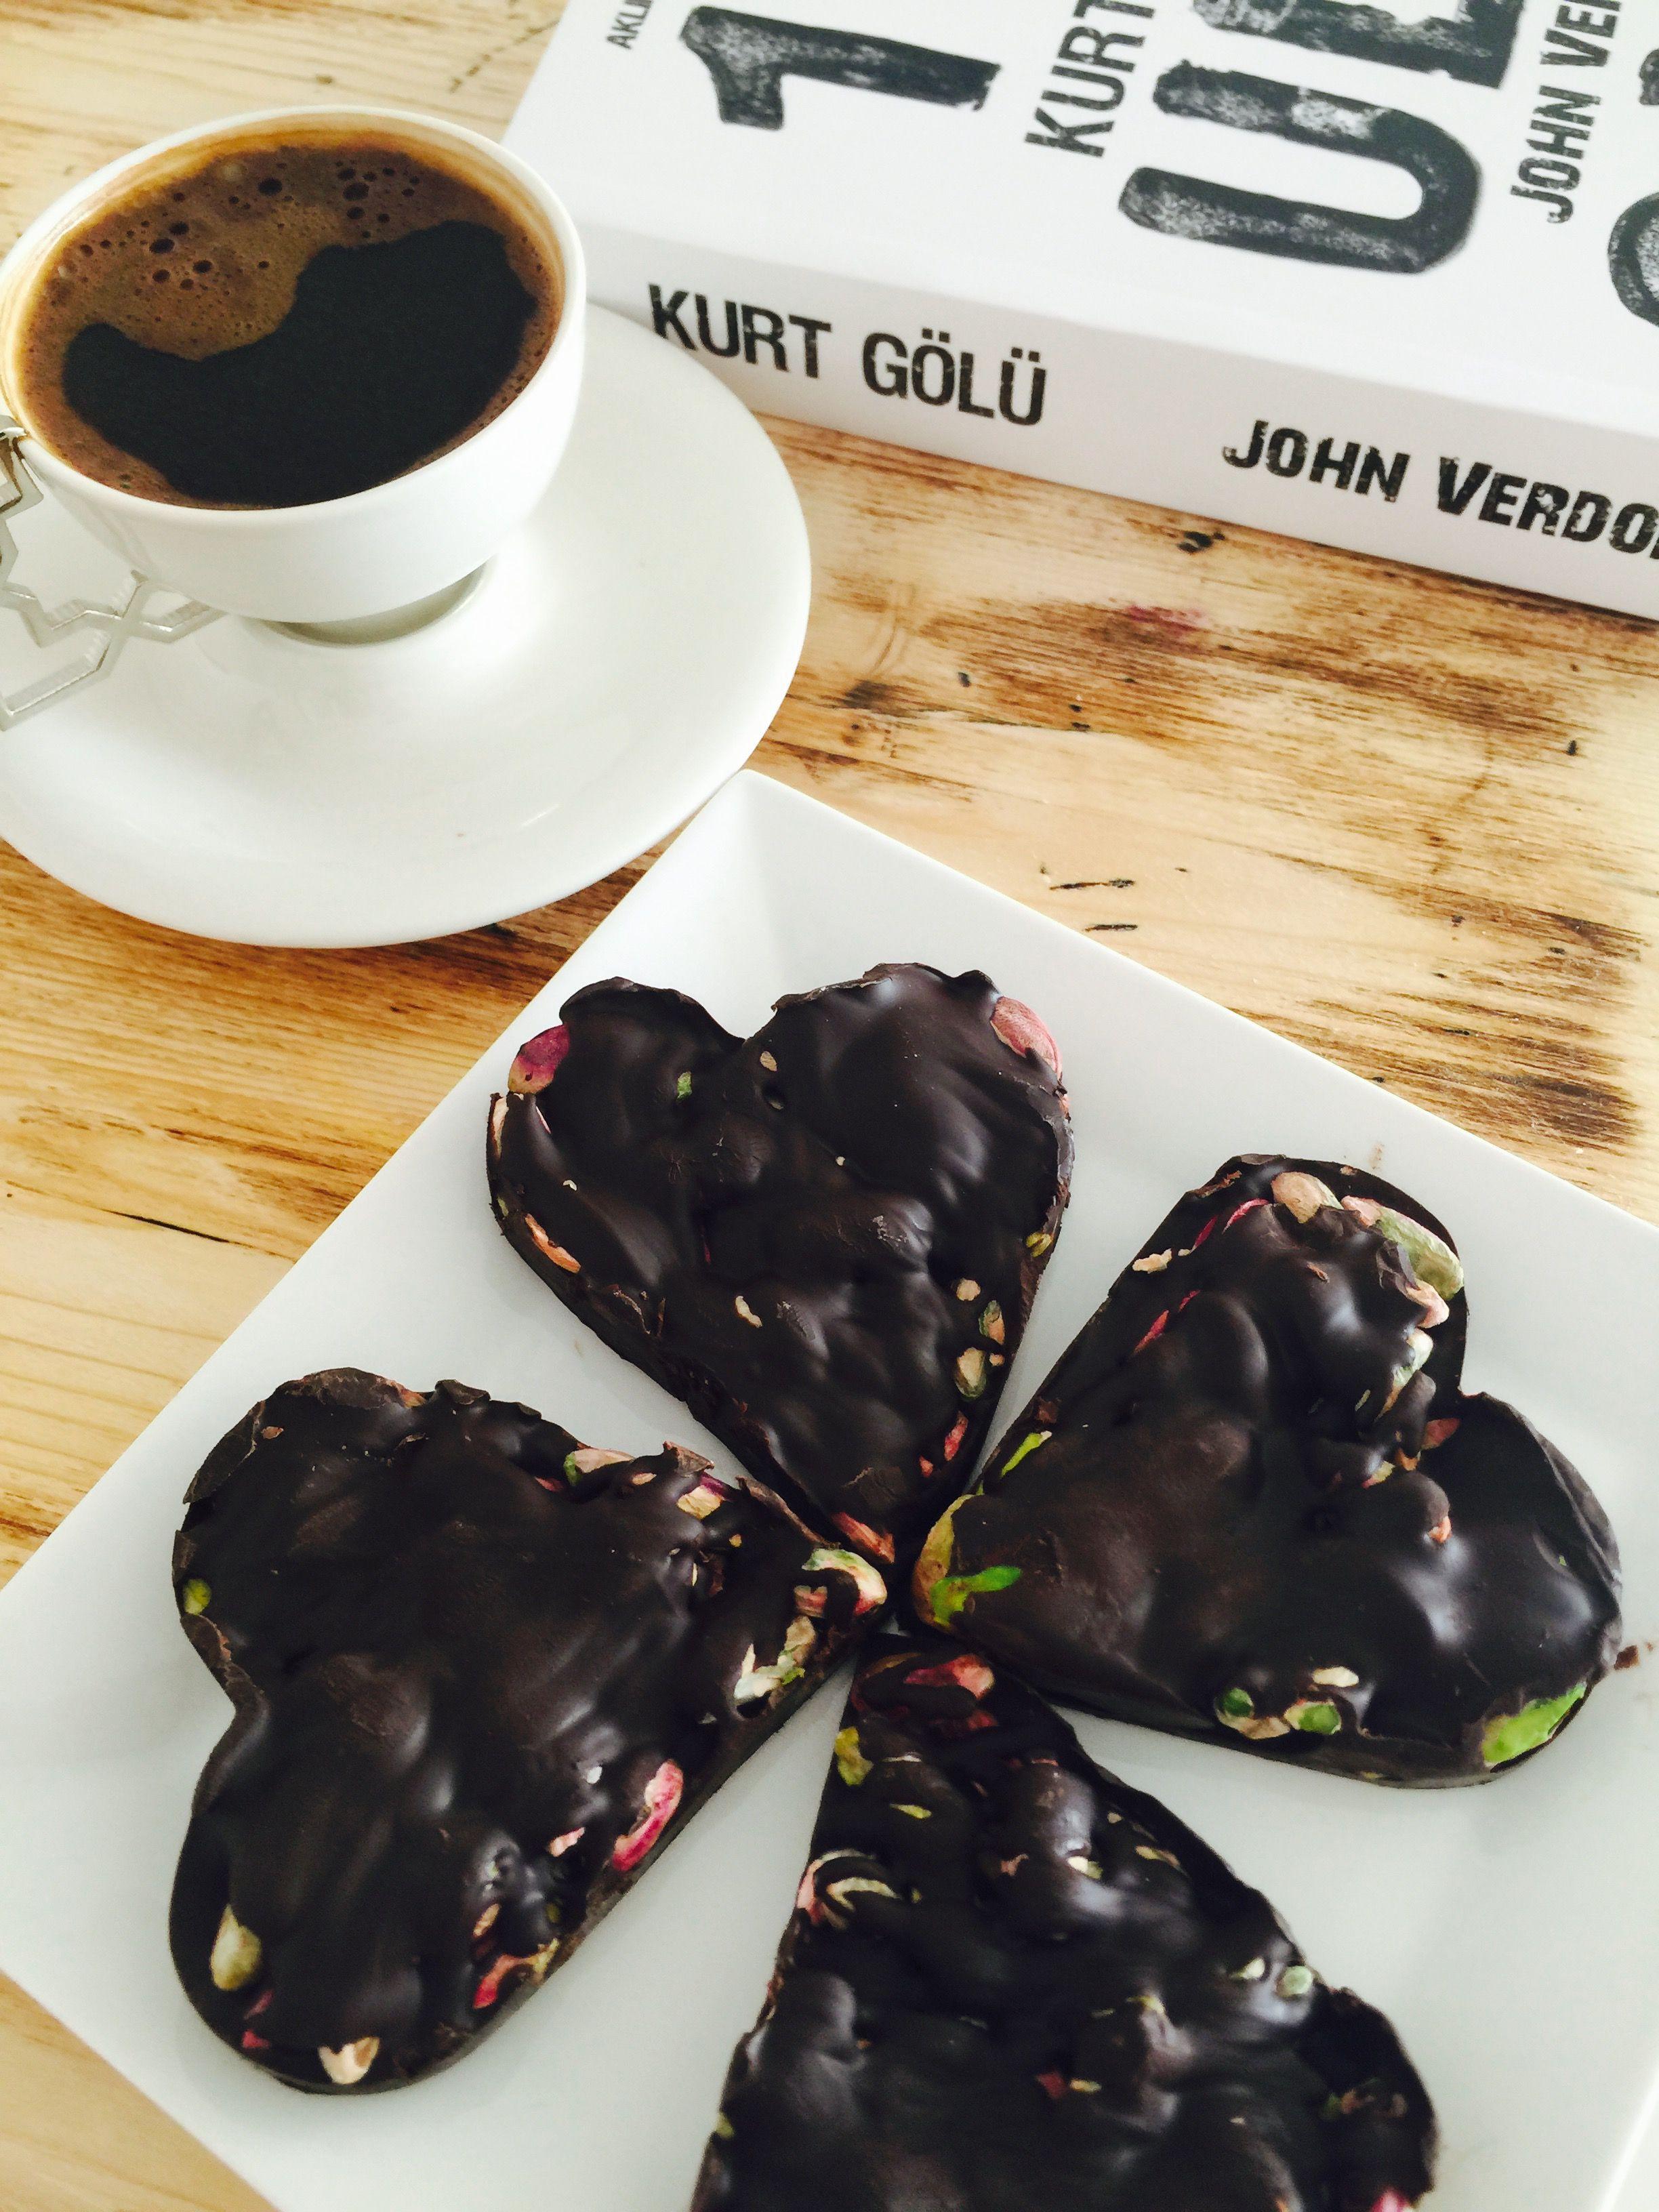 Tam fıstıkla yapılmış kalp şeklinde çikolatalar Çikolata❤️fıstık❤️kitap❤️kahve❤️ Instagram adresim Aynilezzet